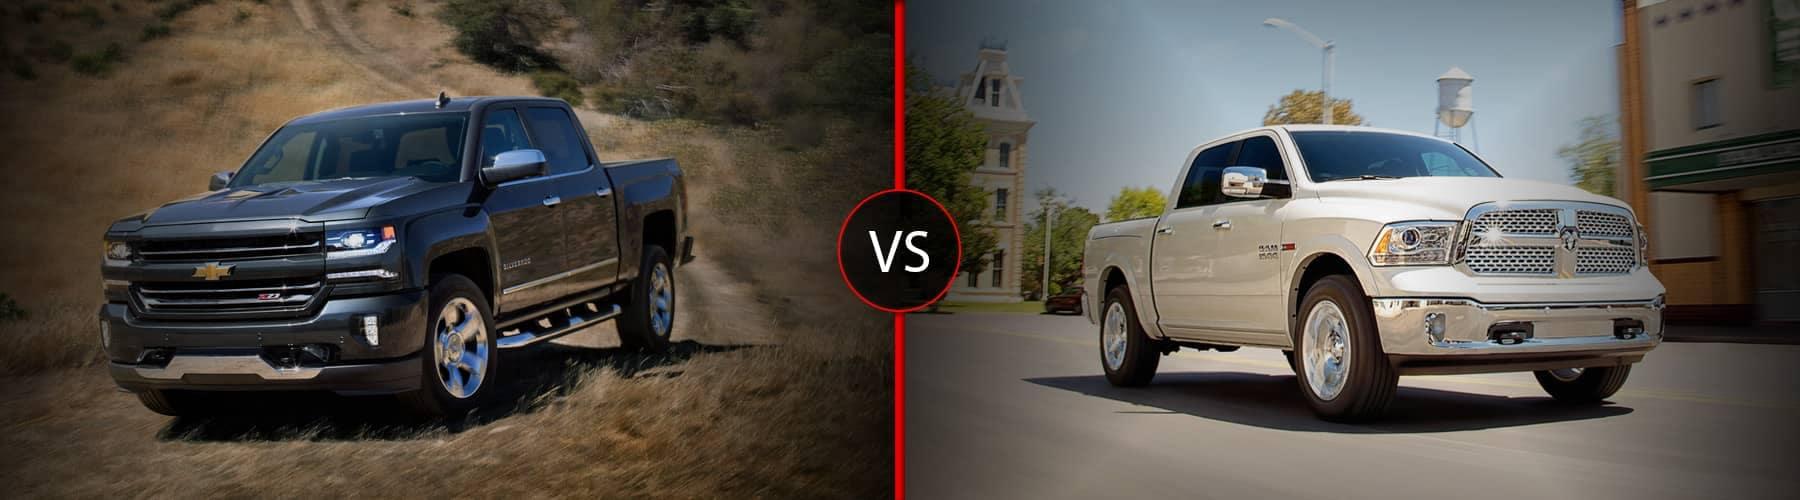 2018 Chevy Silverado vs Ram 1500